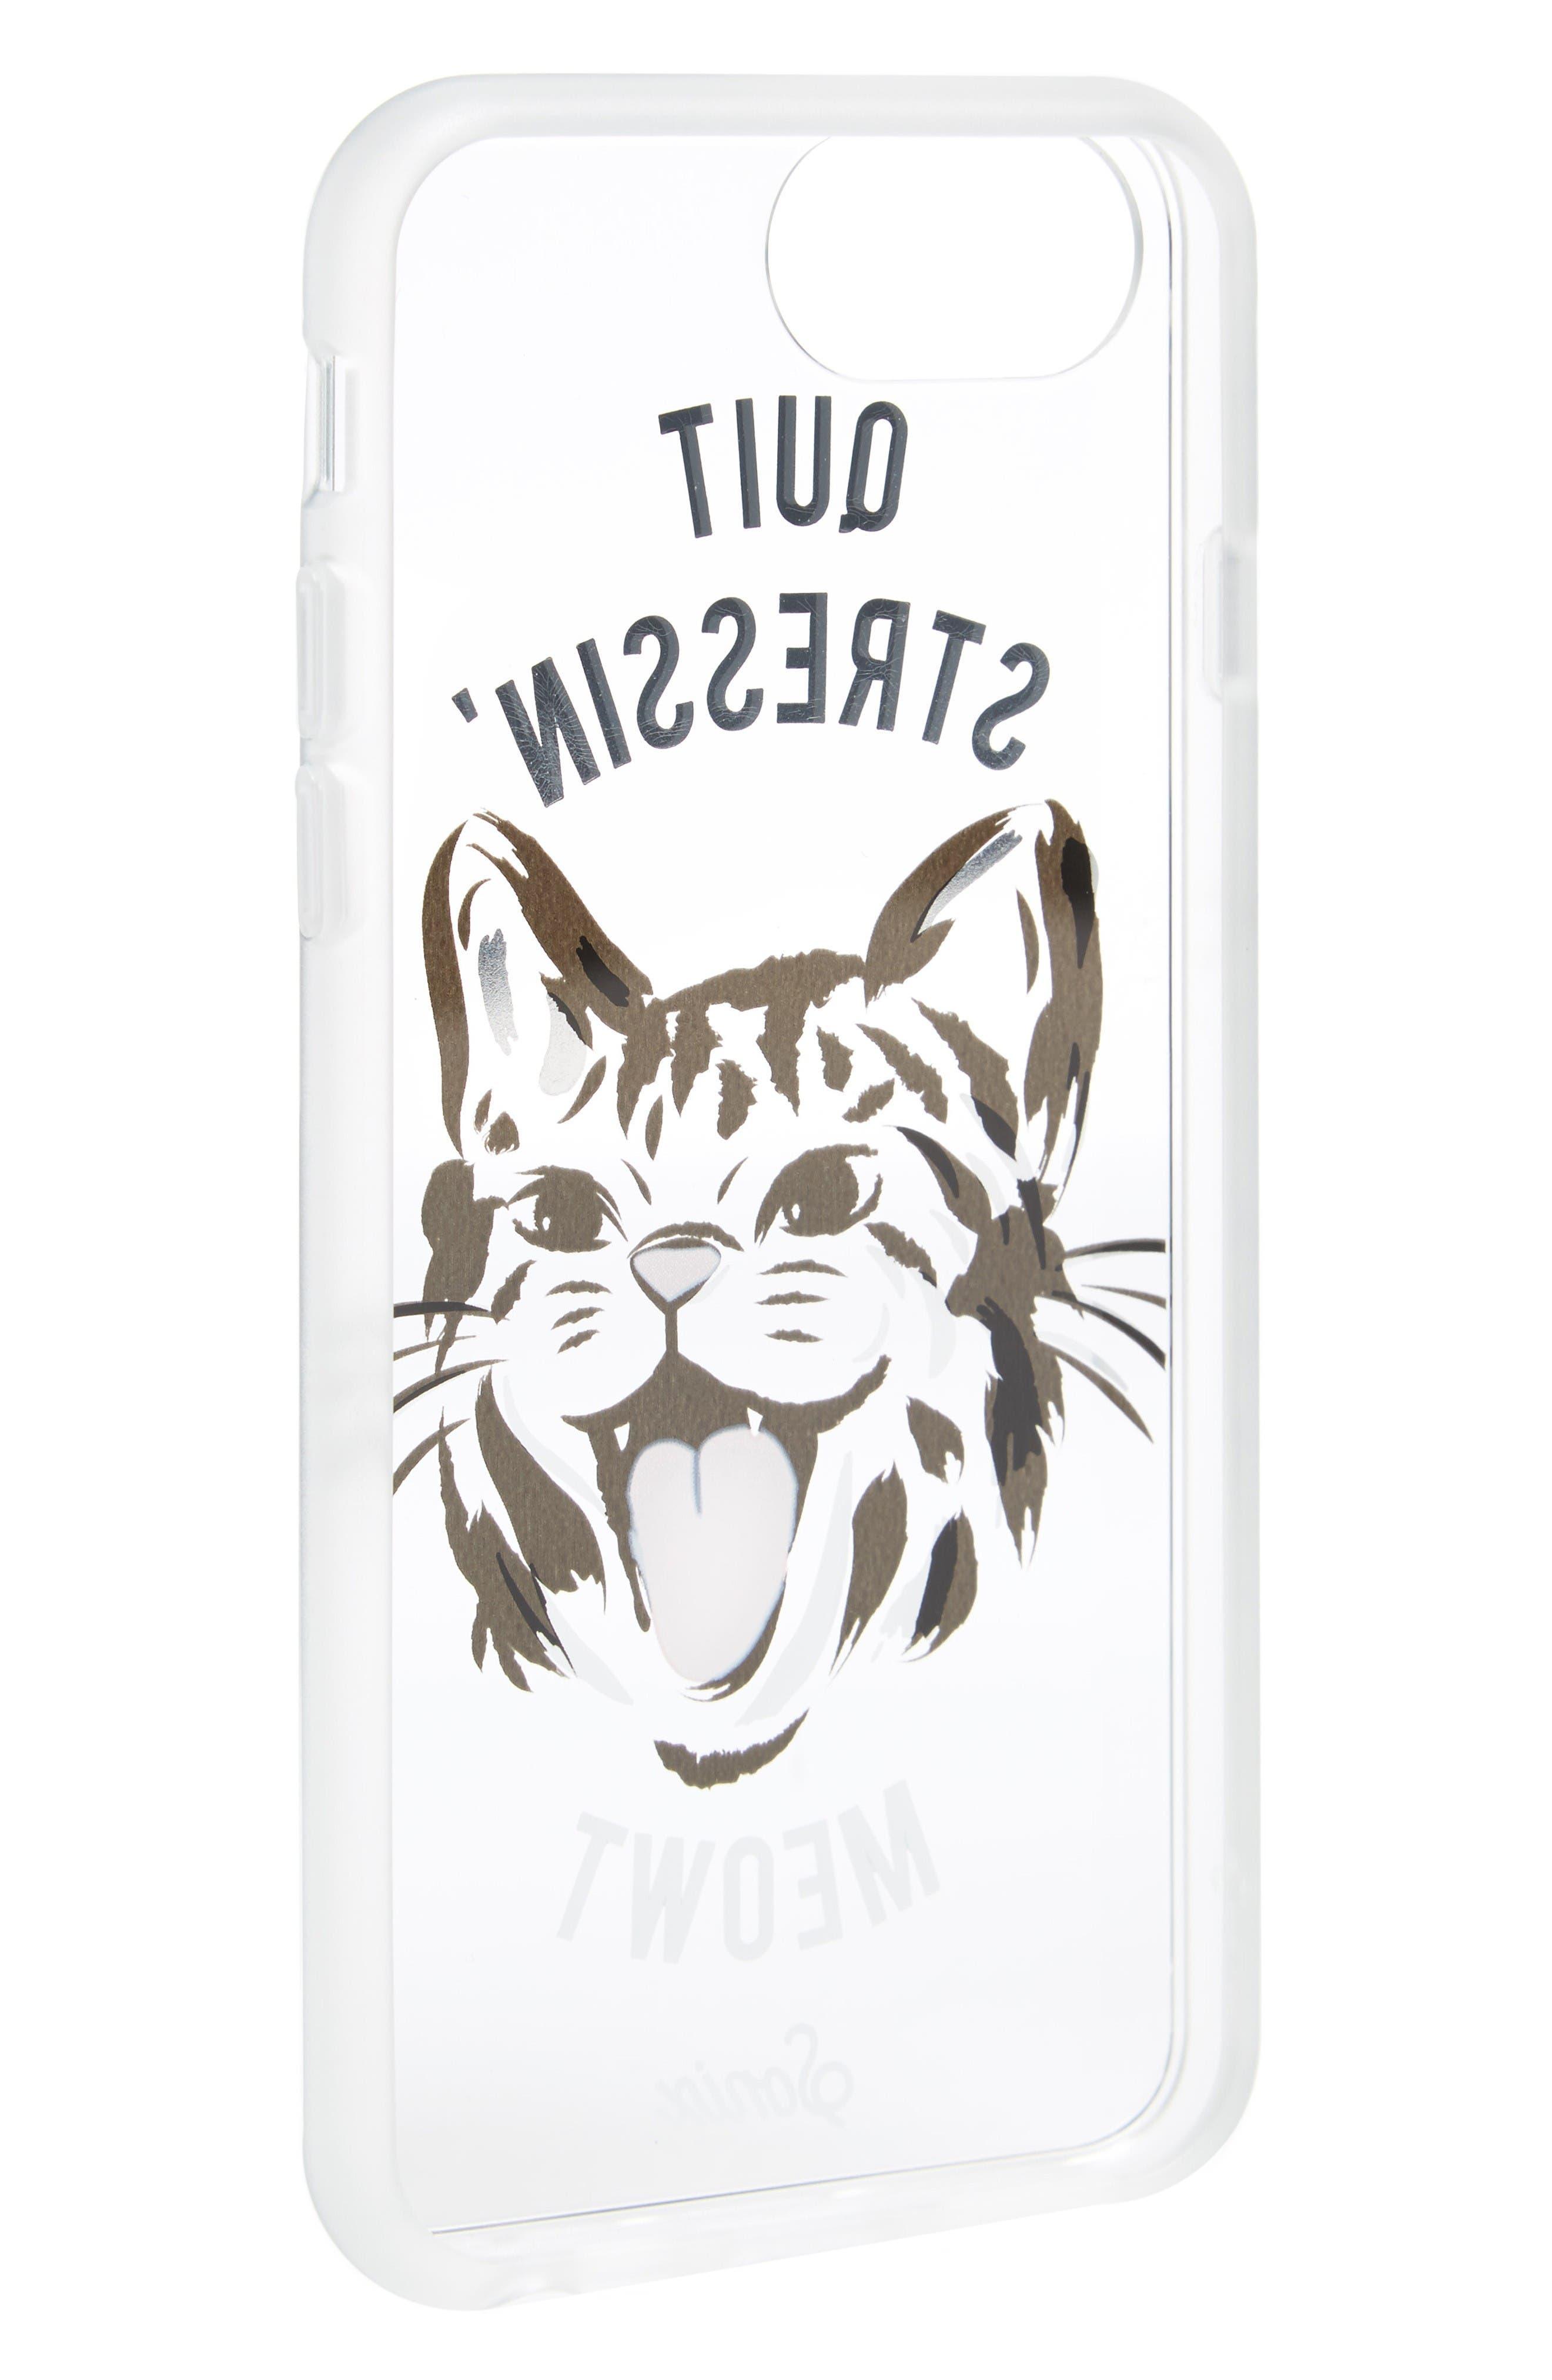 Quit Stressin' Meowt iPhone 6/6s/7/8 & 6/6s/7/8 Plus Case,                             Alternate thumbnail 2, color,                             Gold